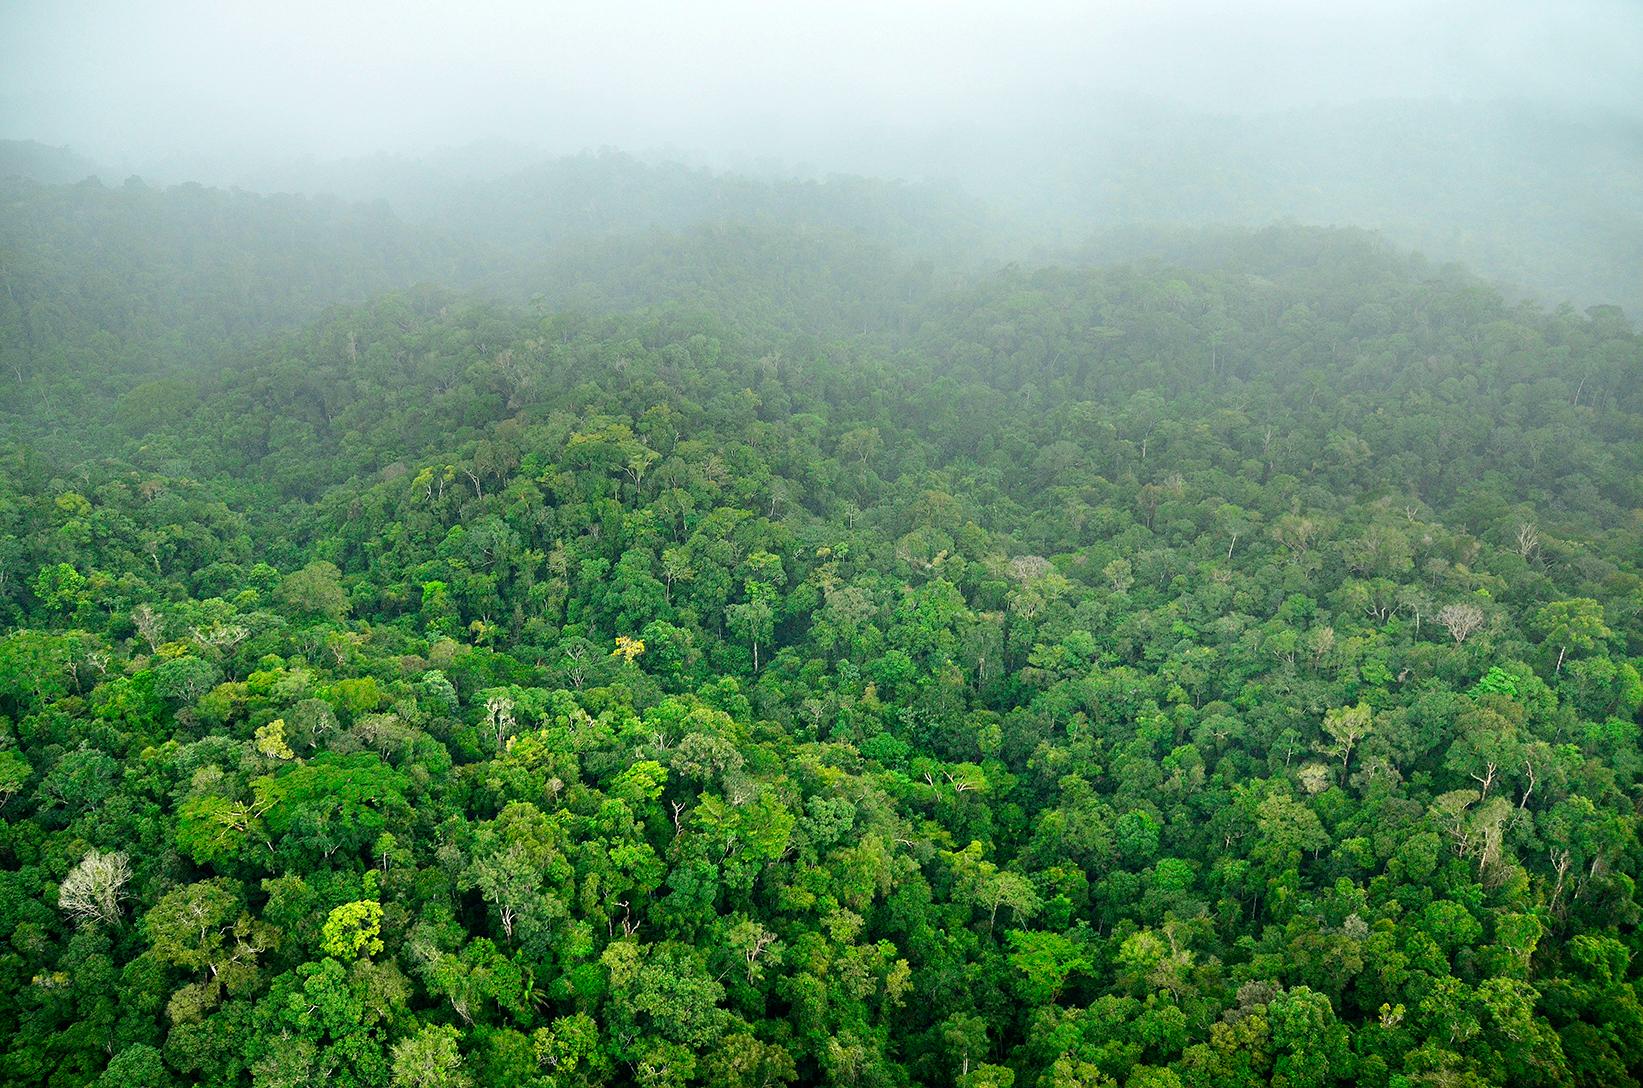 Планините и недокоснатите гори на югоизточен Суринам често са забулени в облаци, тай като това е едно от най-влажните места в страната. Тази зона е важен източник на вода за повече от 50 000 души. Снимка: © Trond Larsen